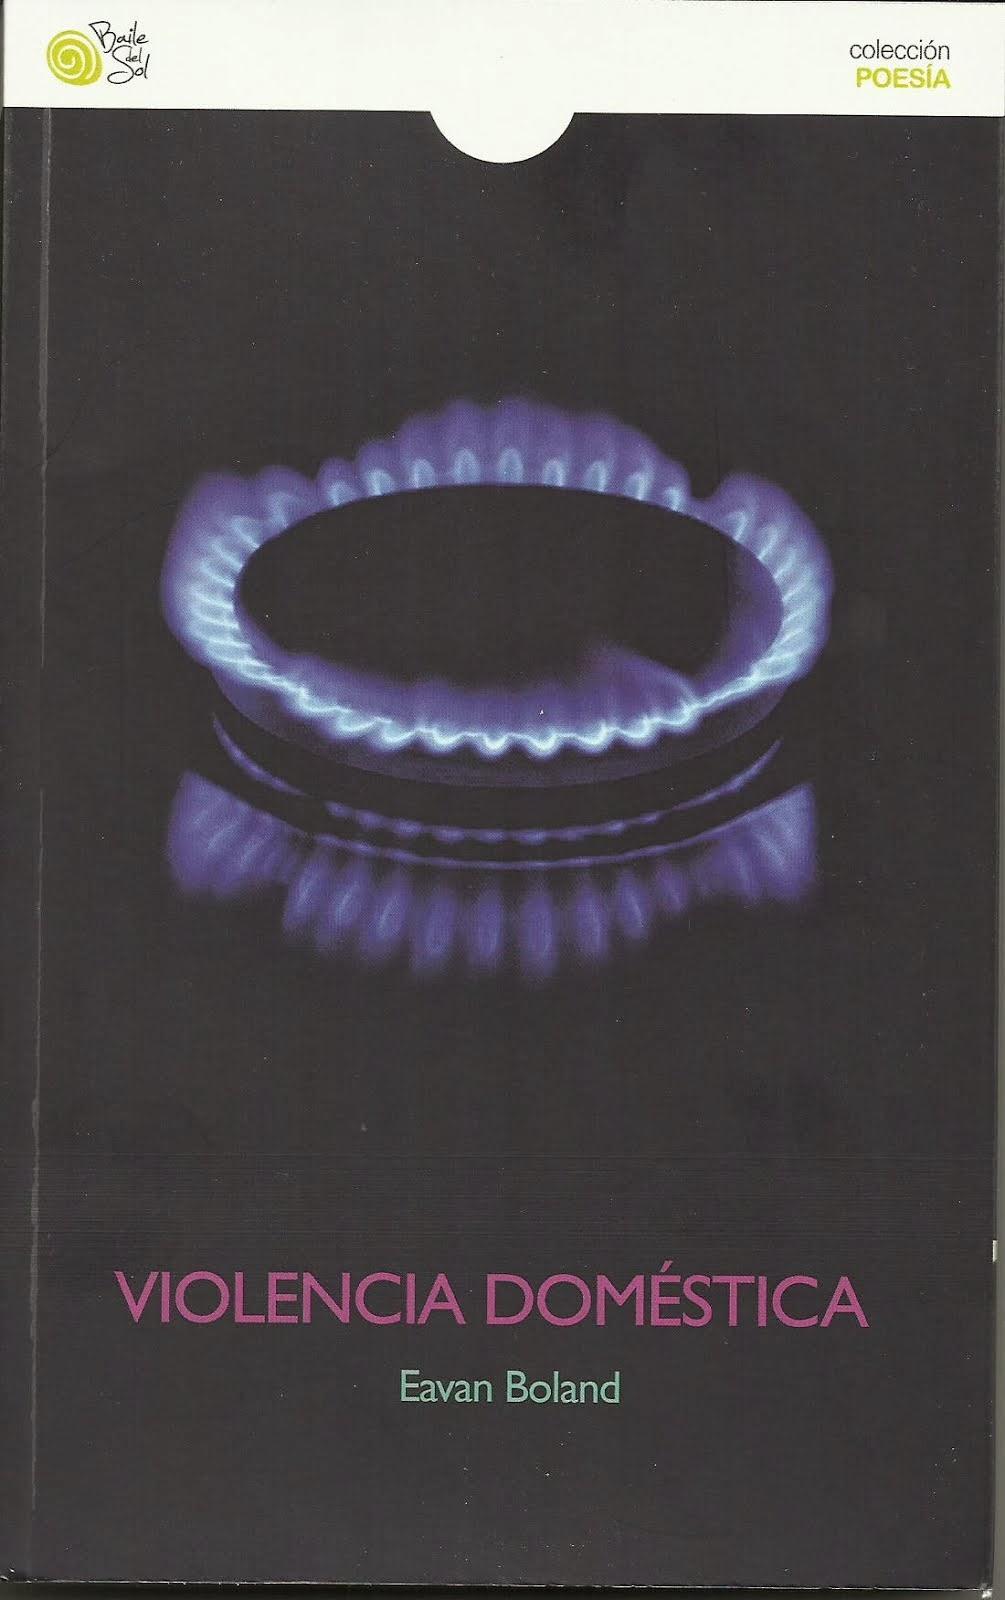 Eavan Boland: Violencia Doméstica (Traducción)